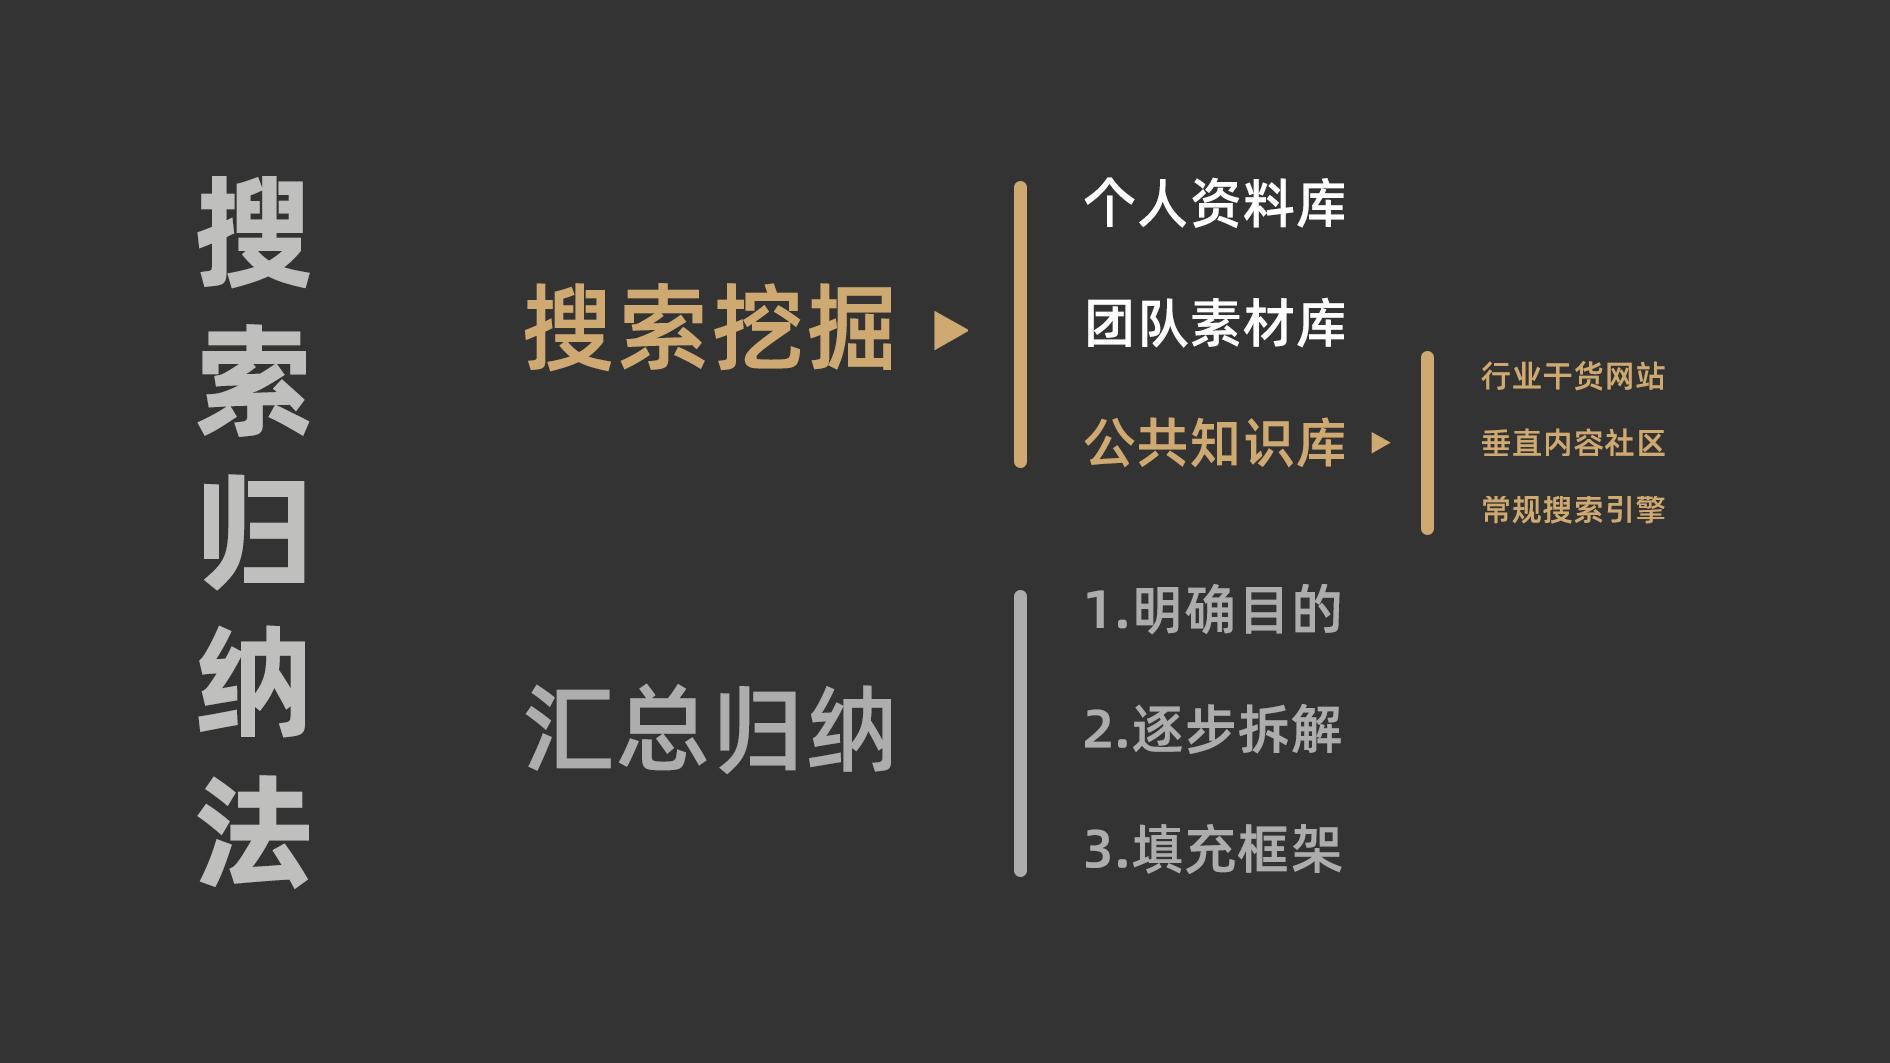 鸟哥笔记,职场成长,阿赵,案例分析,运营入门,运营规划 ,思维